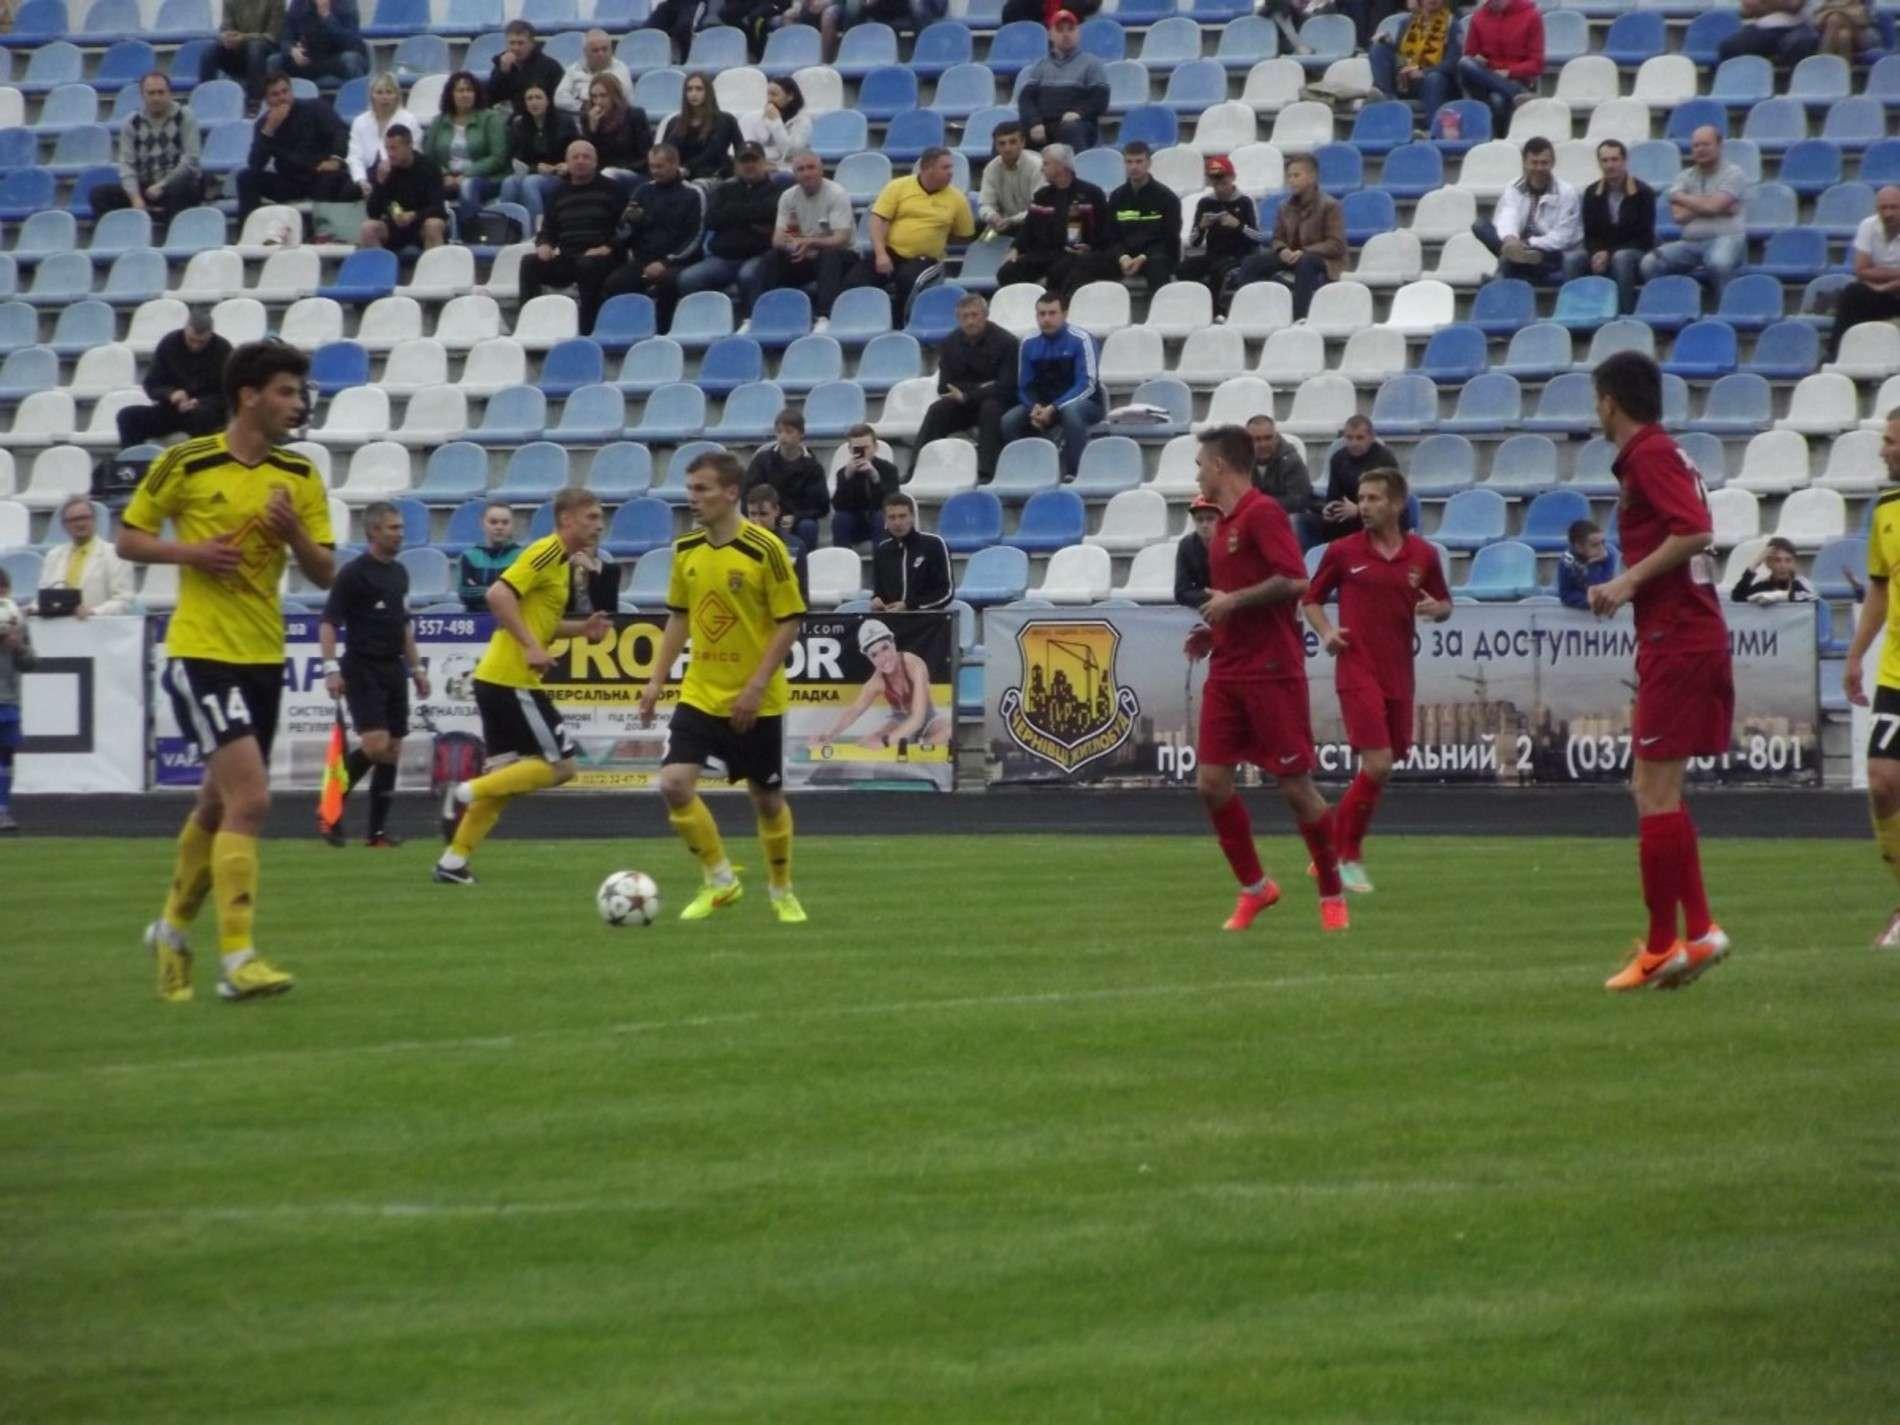 Чернівецька Буковина поступилася харківському Геліосу з рахунком 0:1